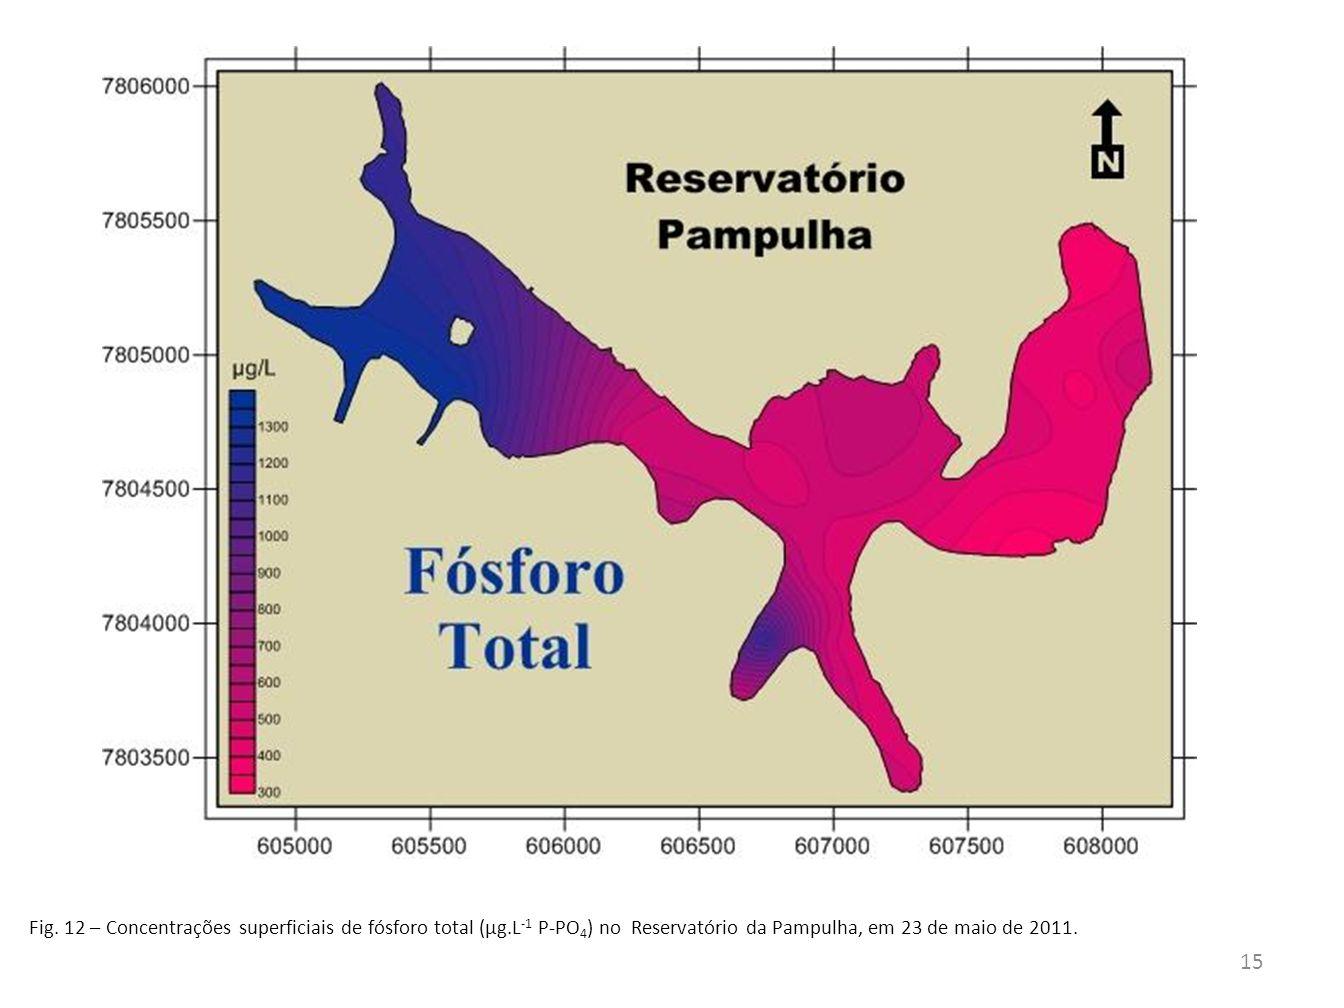 Fig.13 - A figura acima ilustra a compartimentação biótica do fósforo na represa da Pampulha.